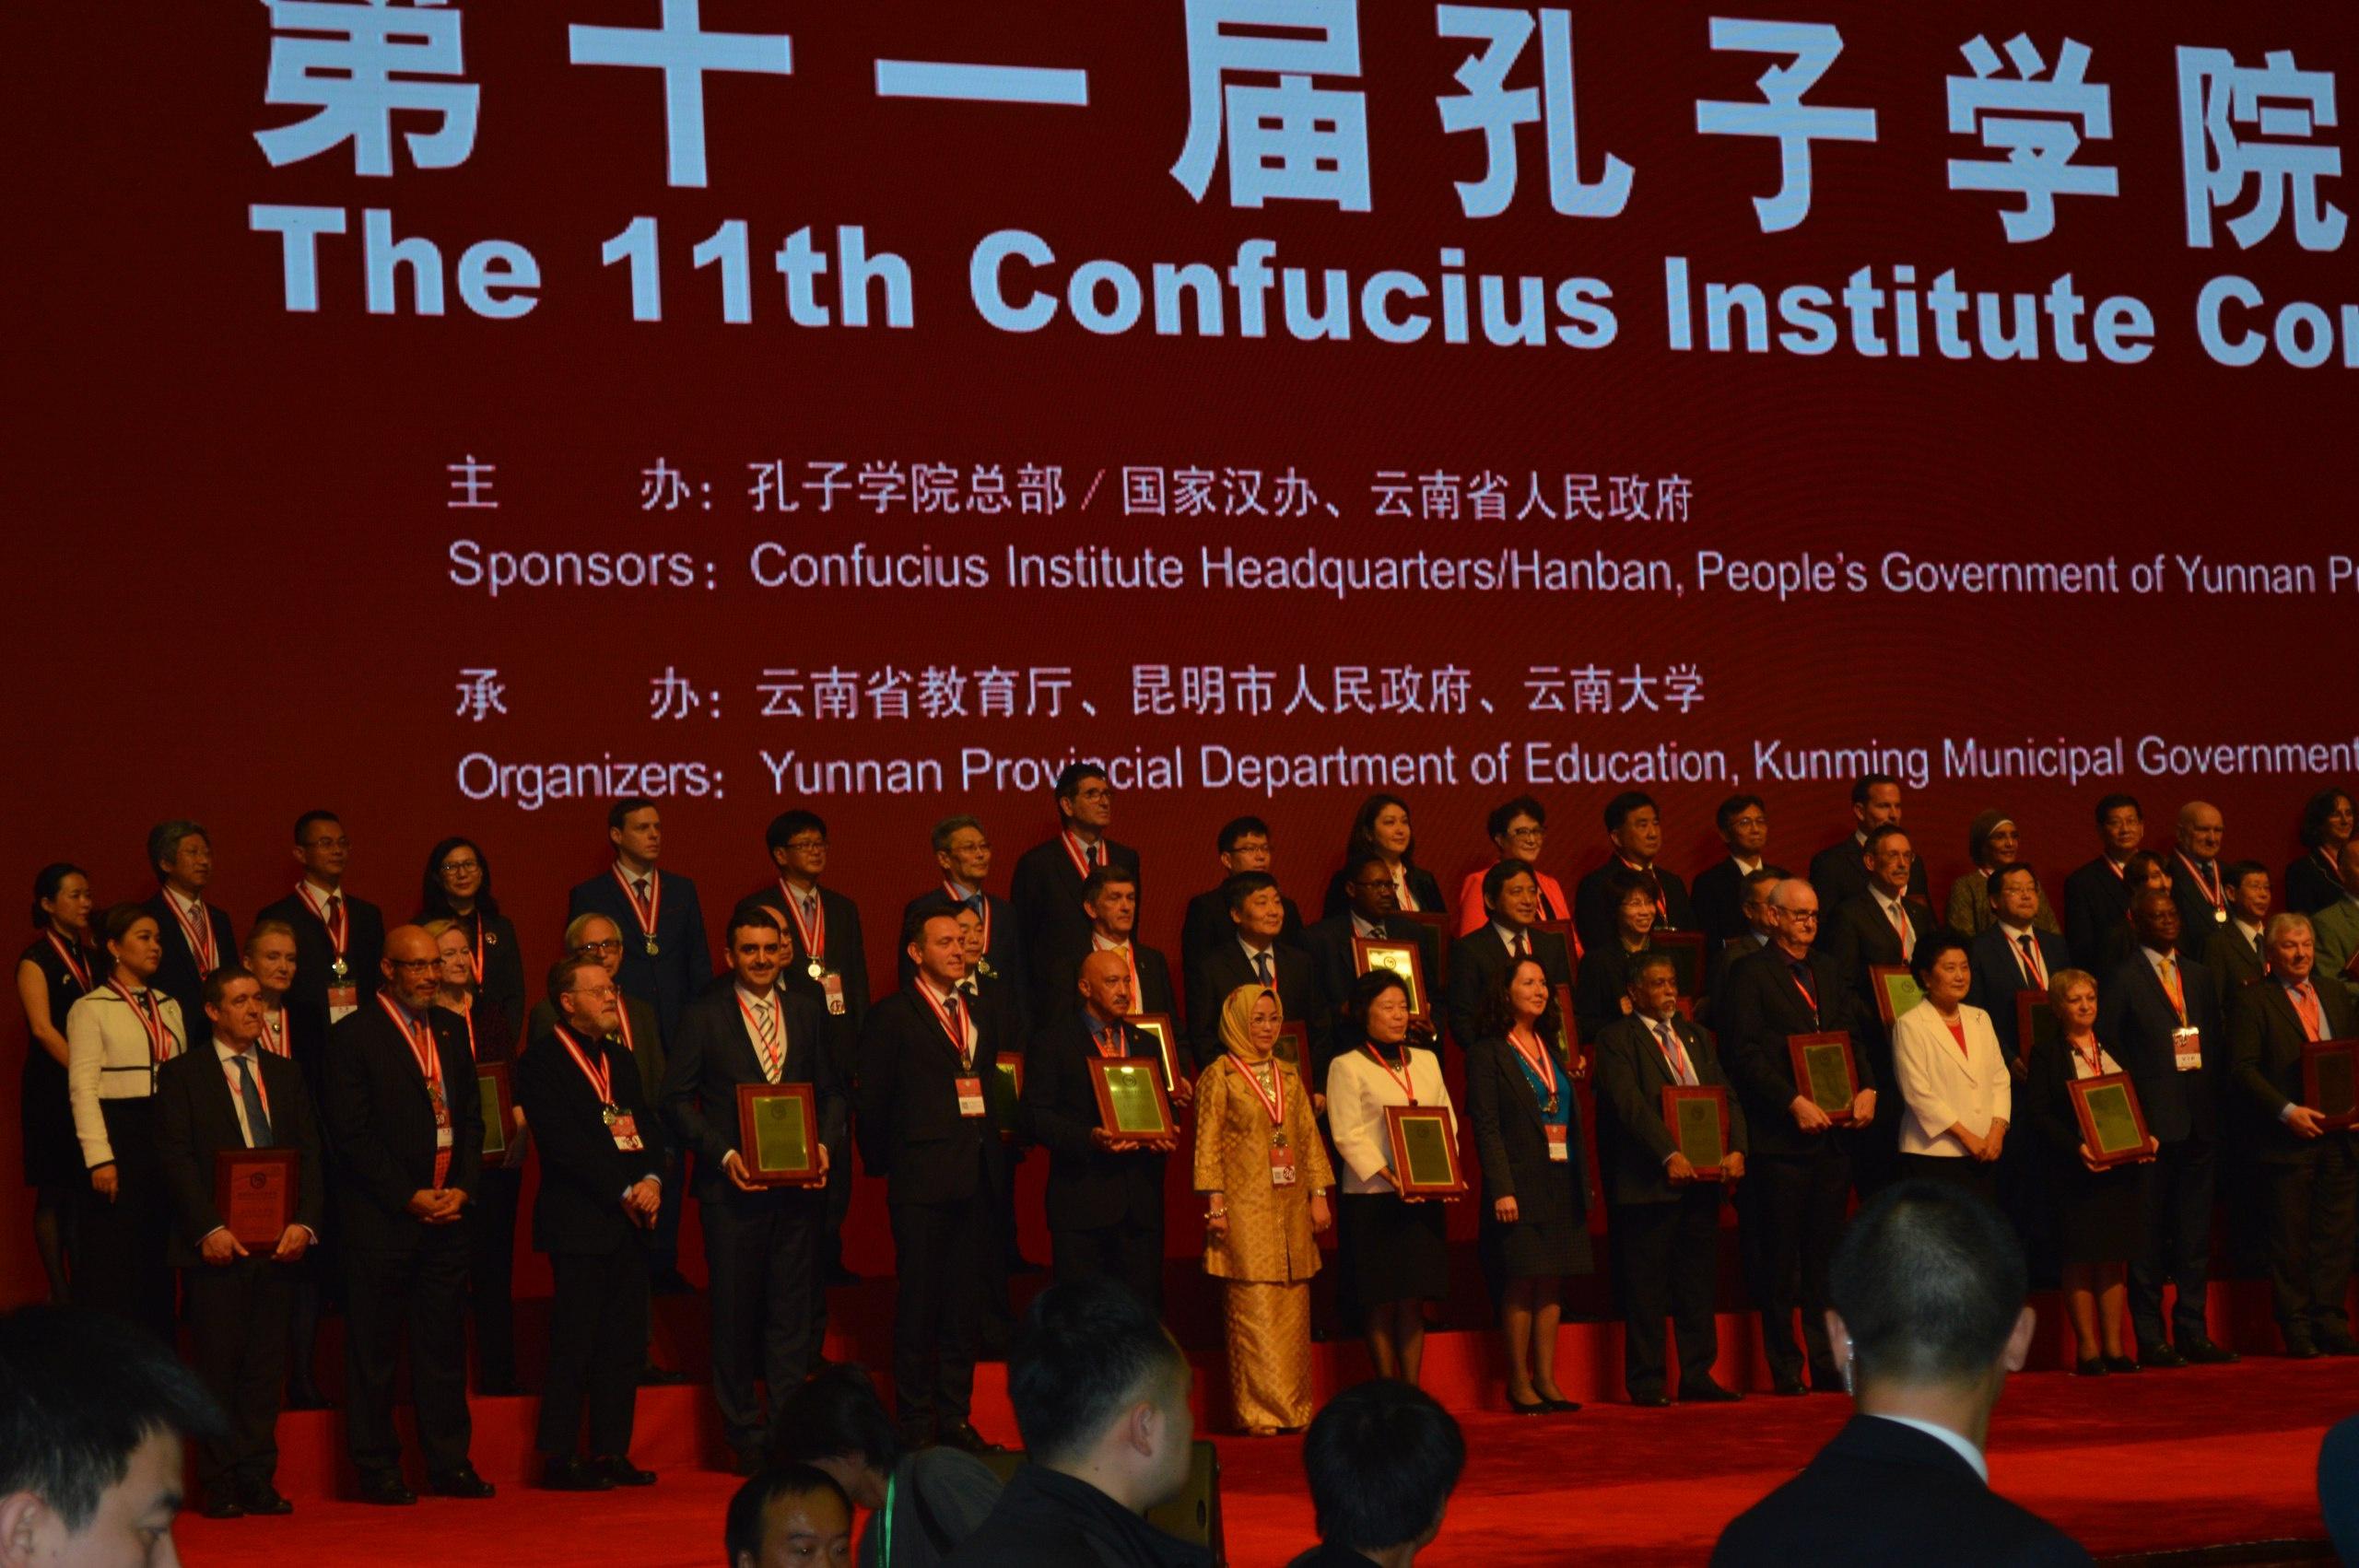 Институт Конфуция ТГУ признан одним из лучших в мире